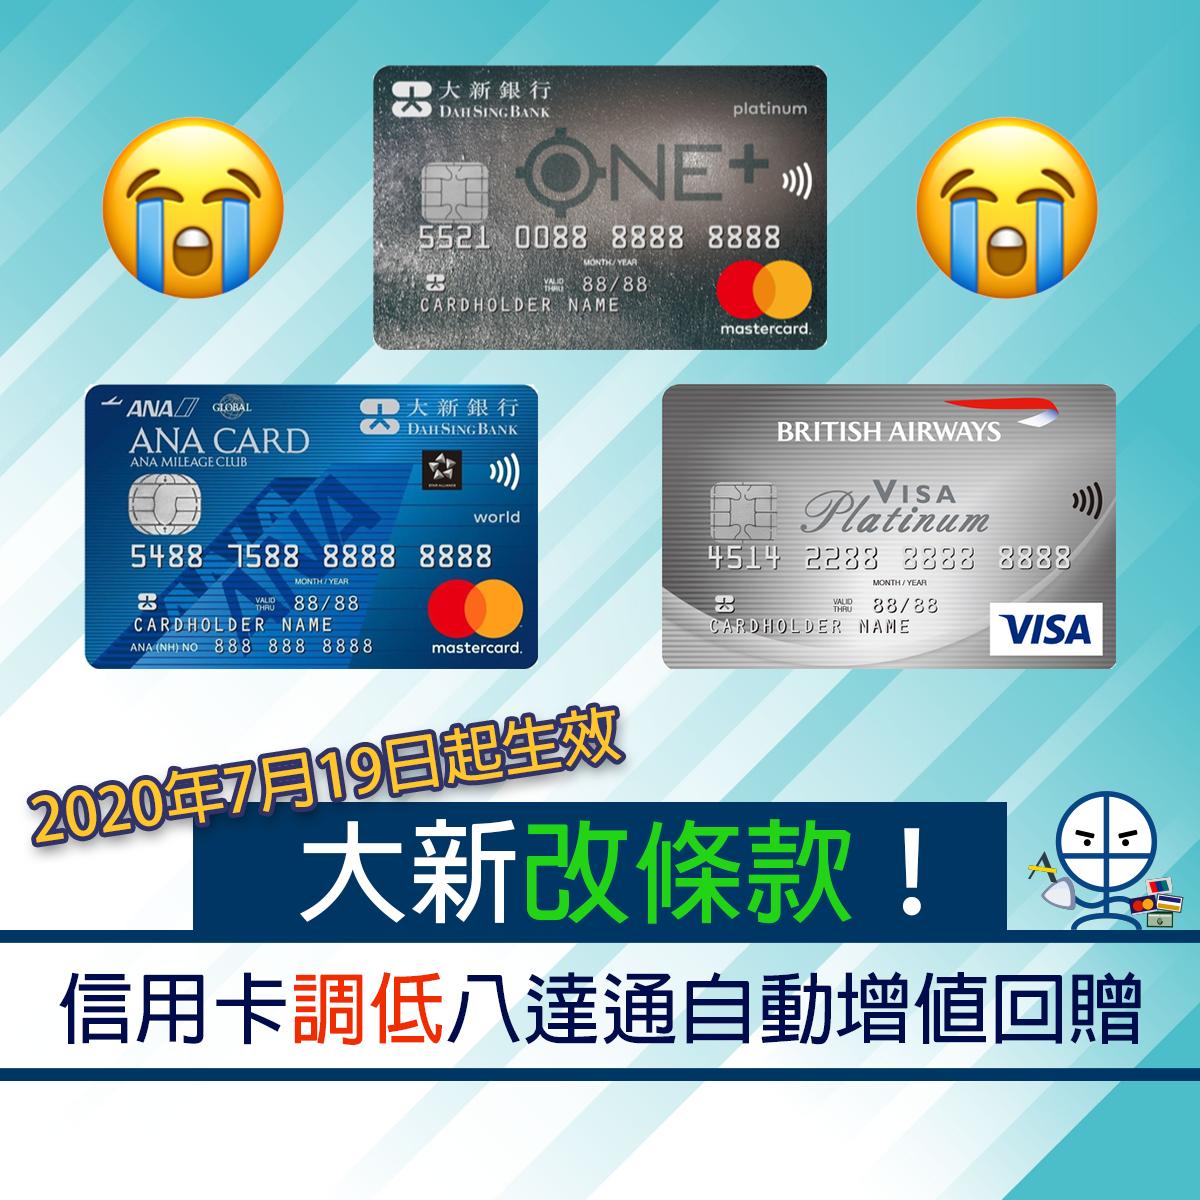 八達通自動增值信用卡